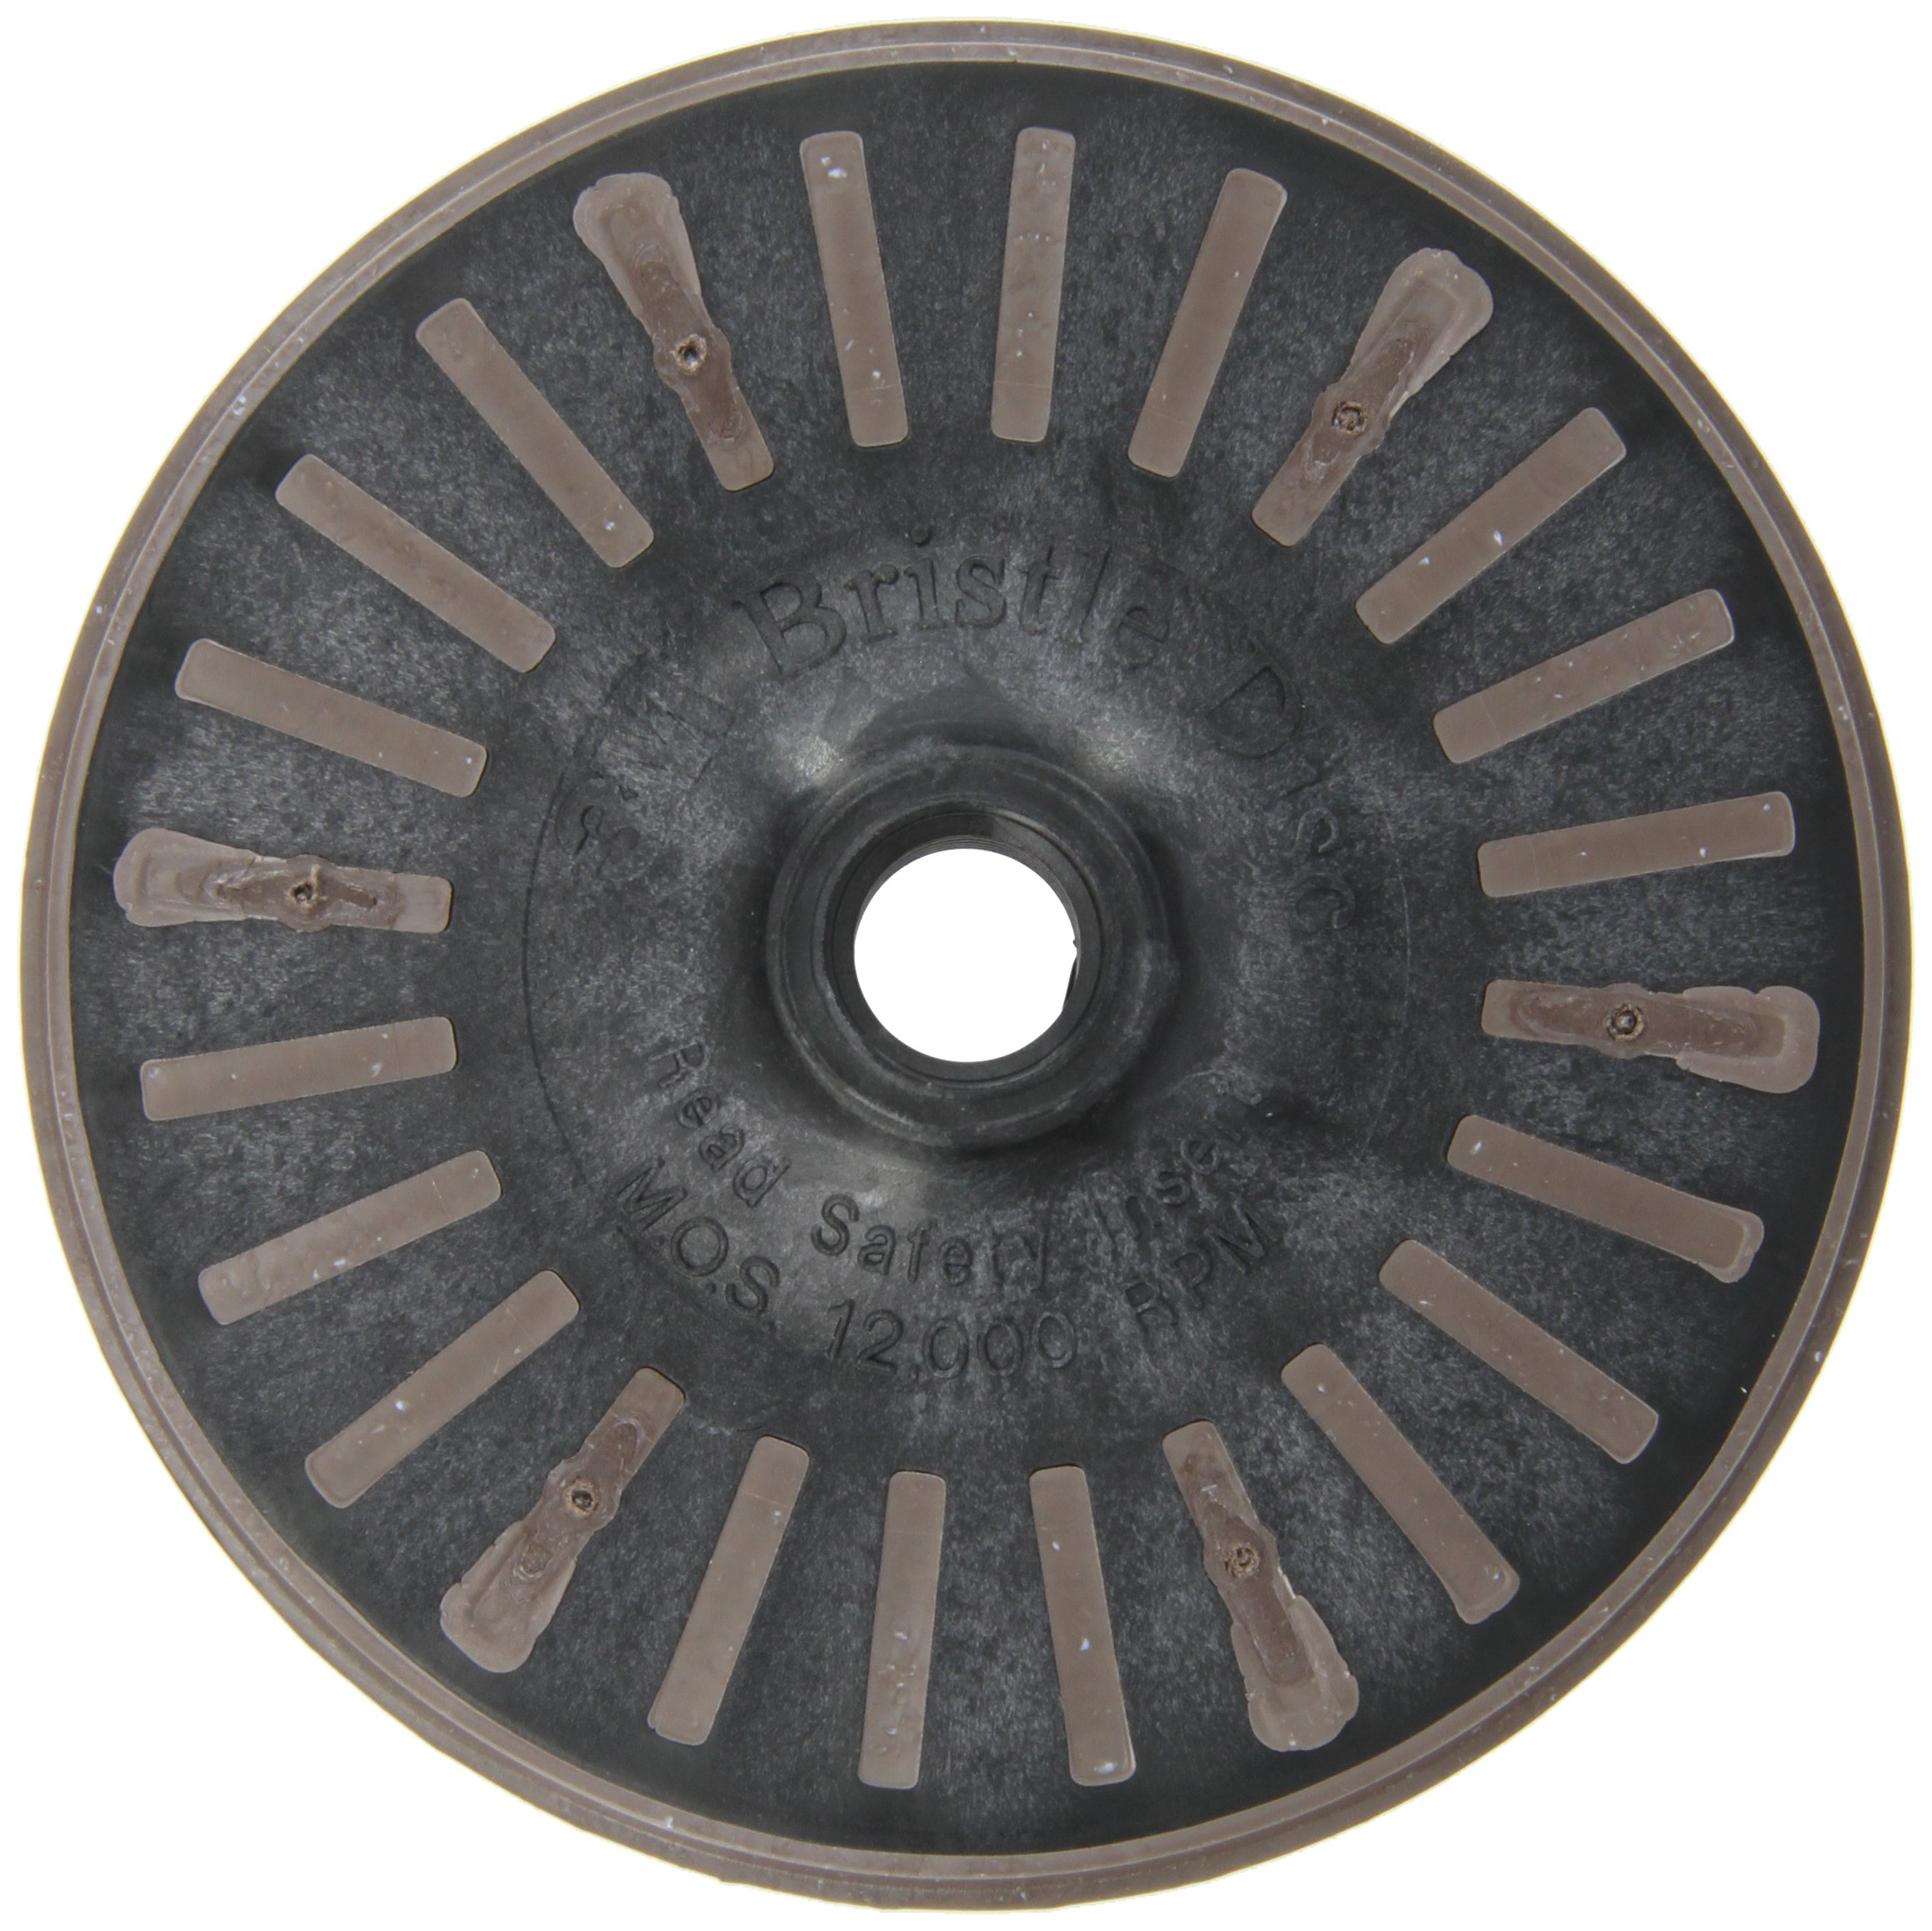 Scotch-Brite(TM) Bristle Disc, 12000 rpm, 4-1/2 Diameter, 36 Grit, Brown (Pack of 1)